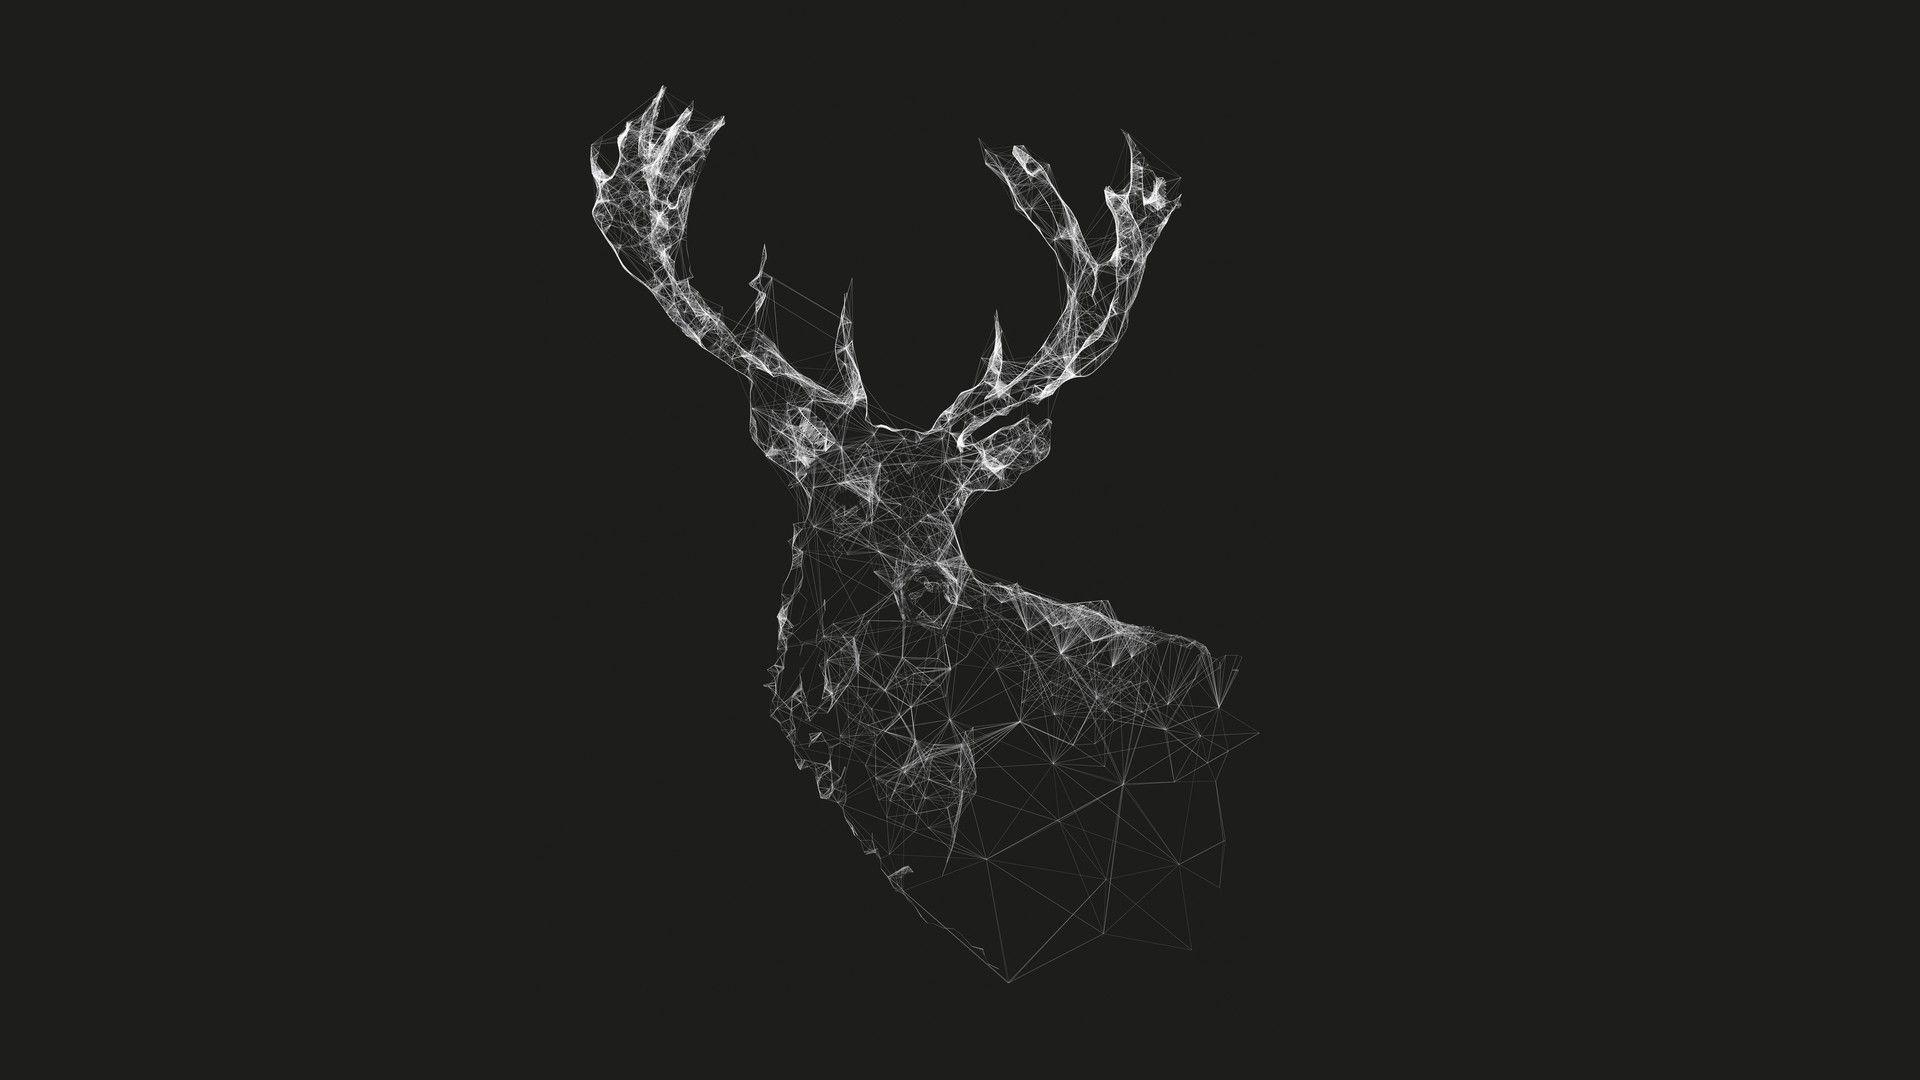 Fuentes De Informacion 70 Wallpapers Minimalistas Full Hd Garden Deer Artwork Deer Sketch Digital Wallpaper